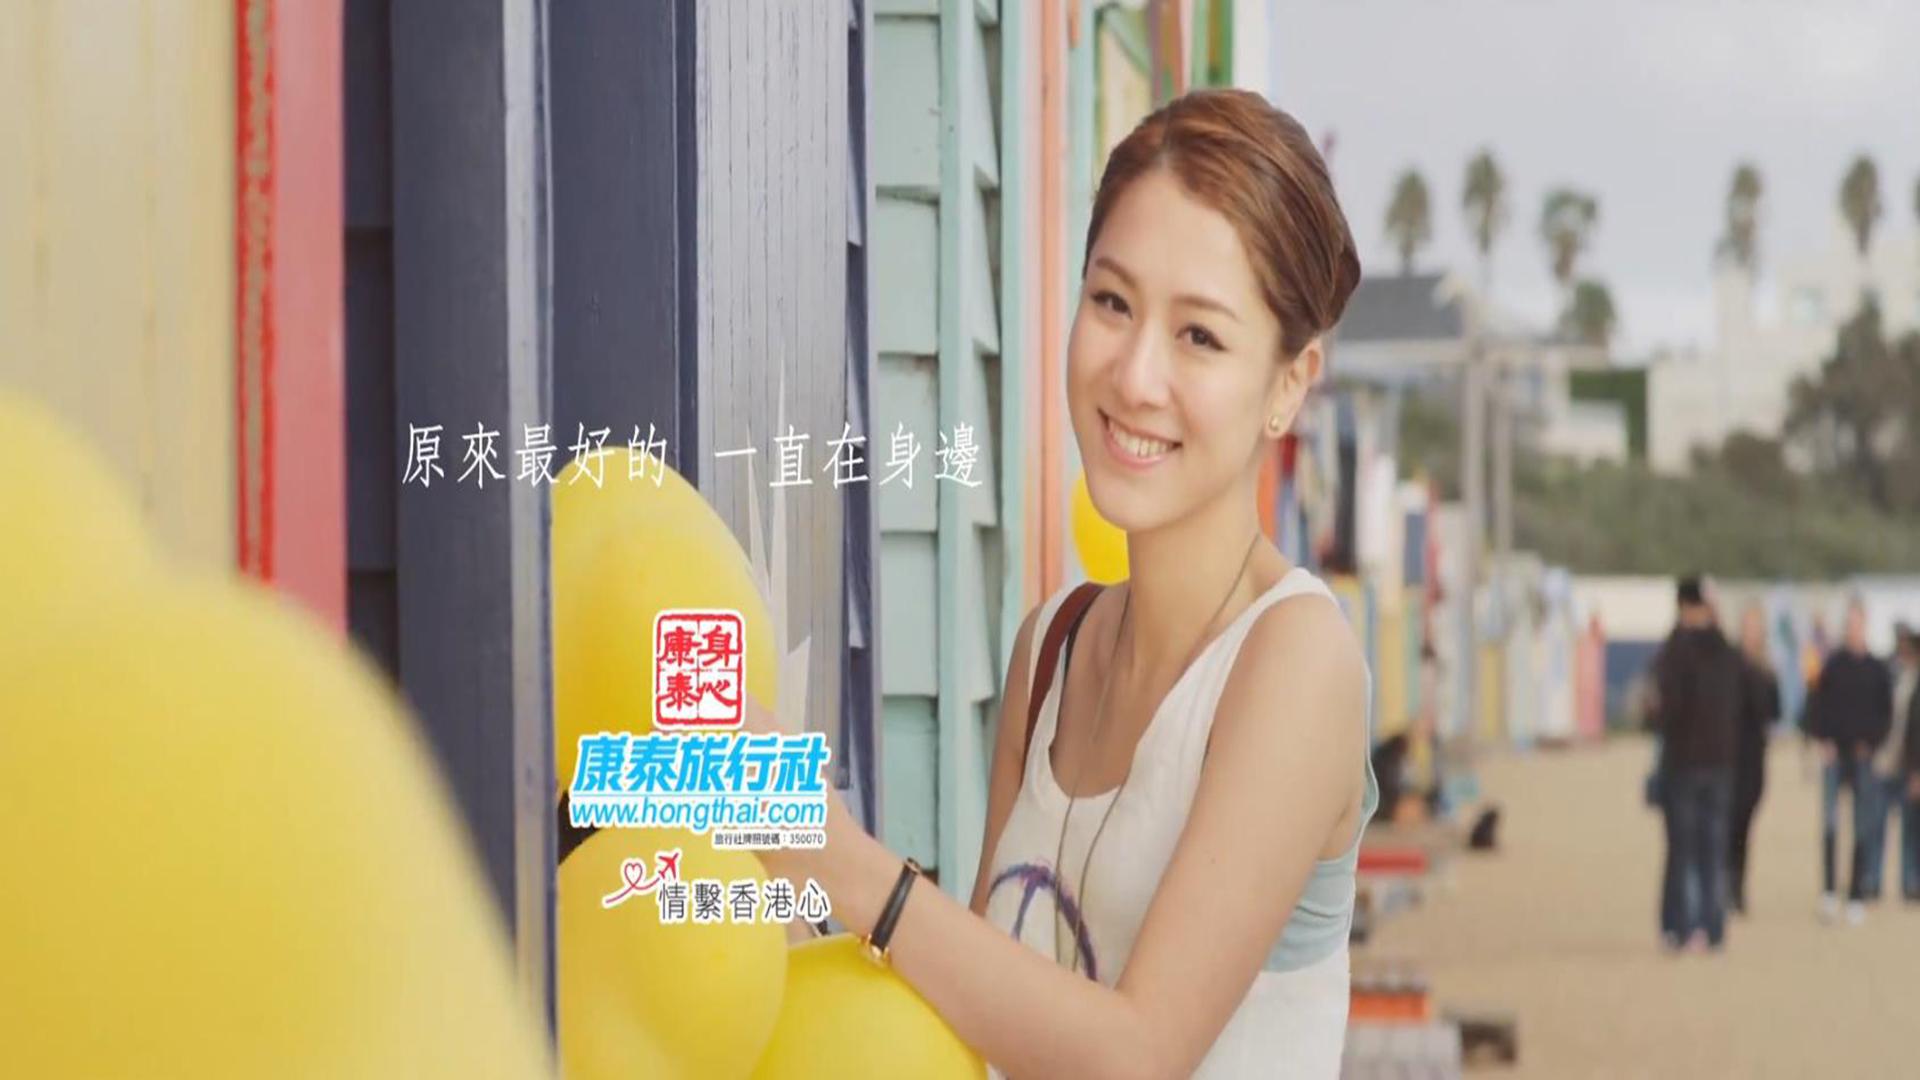 """康泰旅行社微电影""""缘迷途有您"""" 广告"""